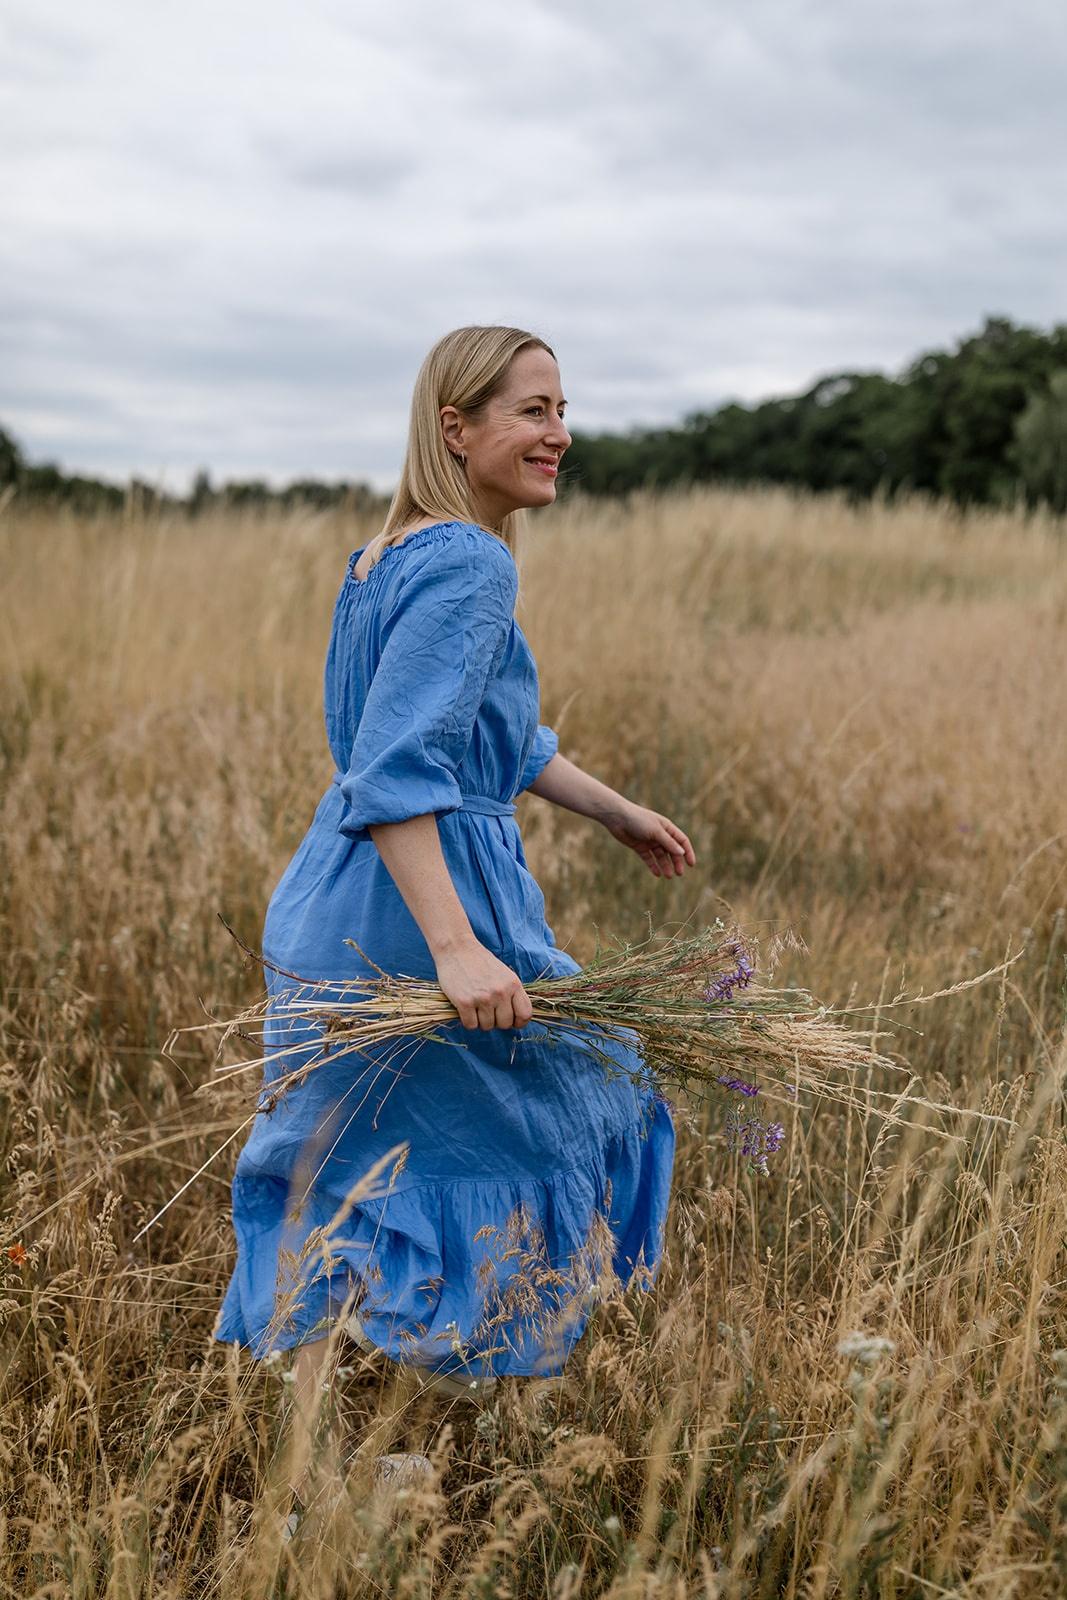 Meine neuen Pressefotos von Juliane Dunkel Bakx | Julili Photography